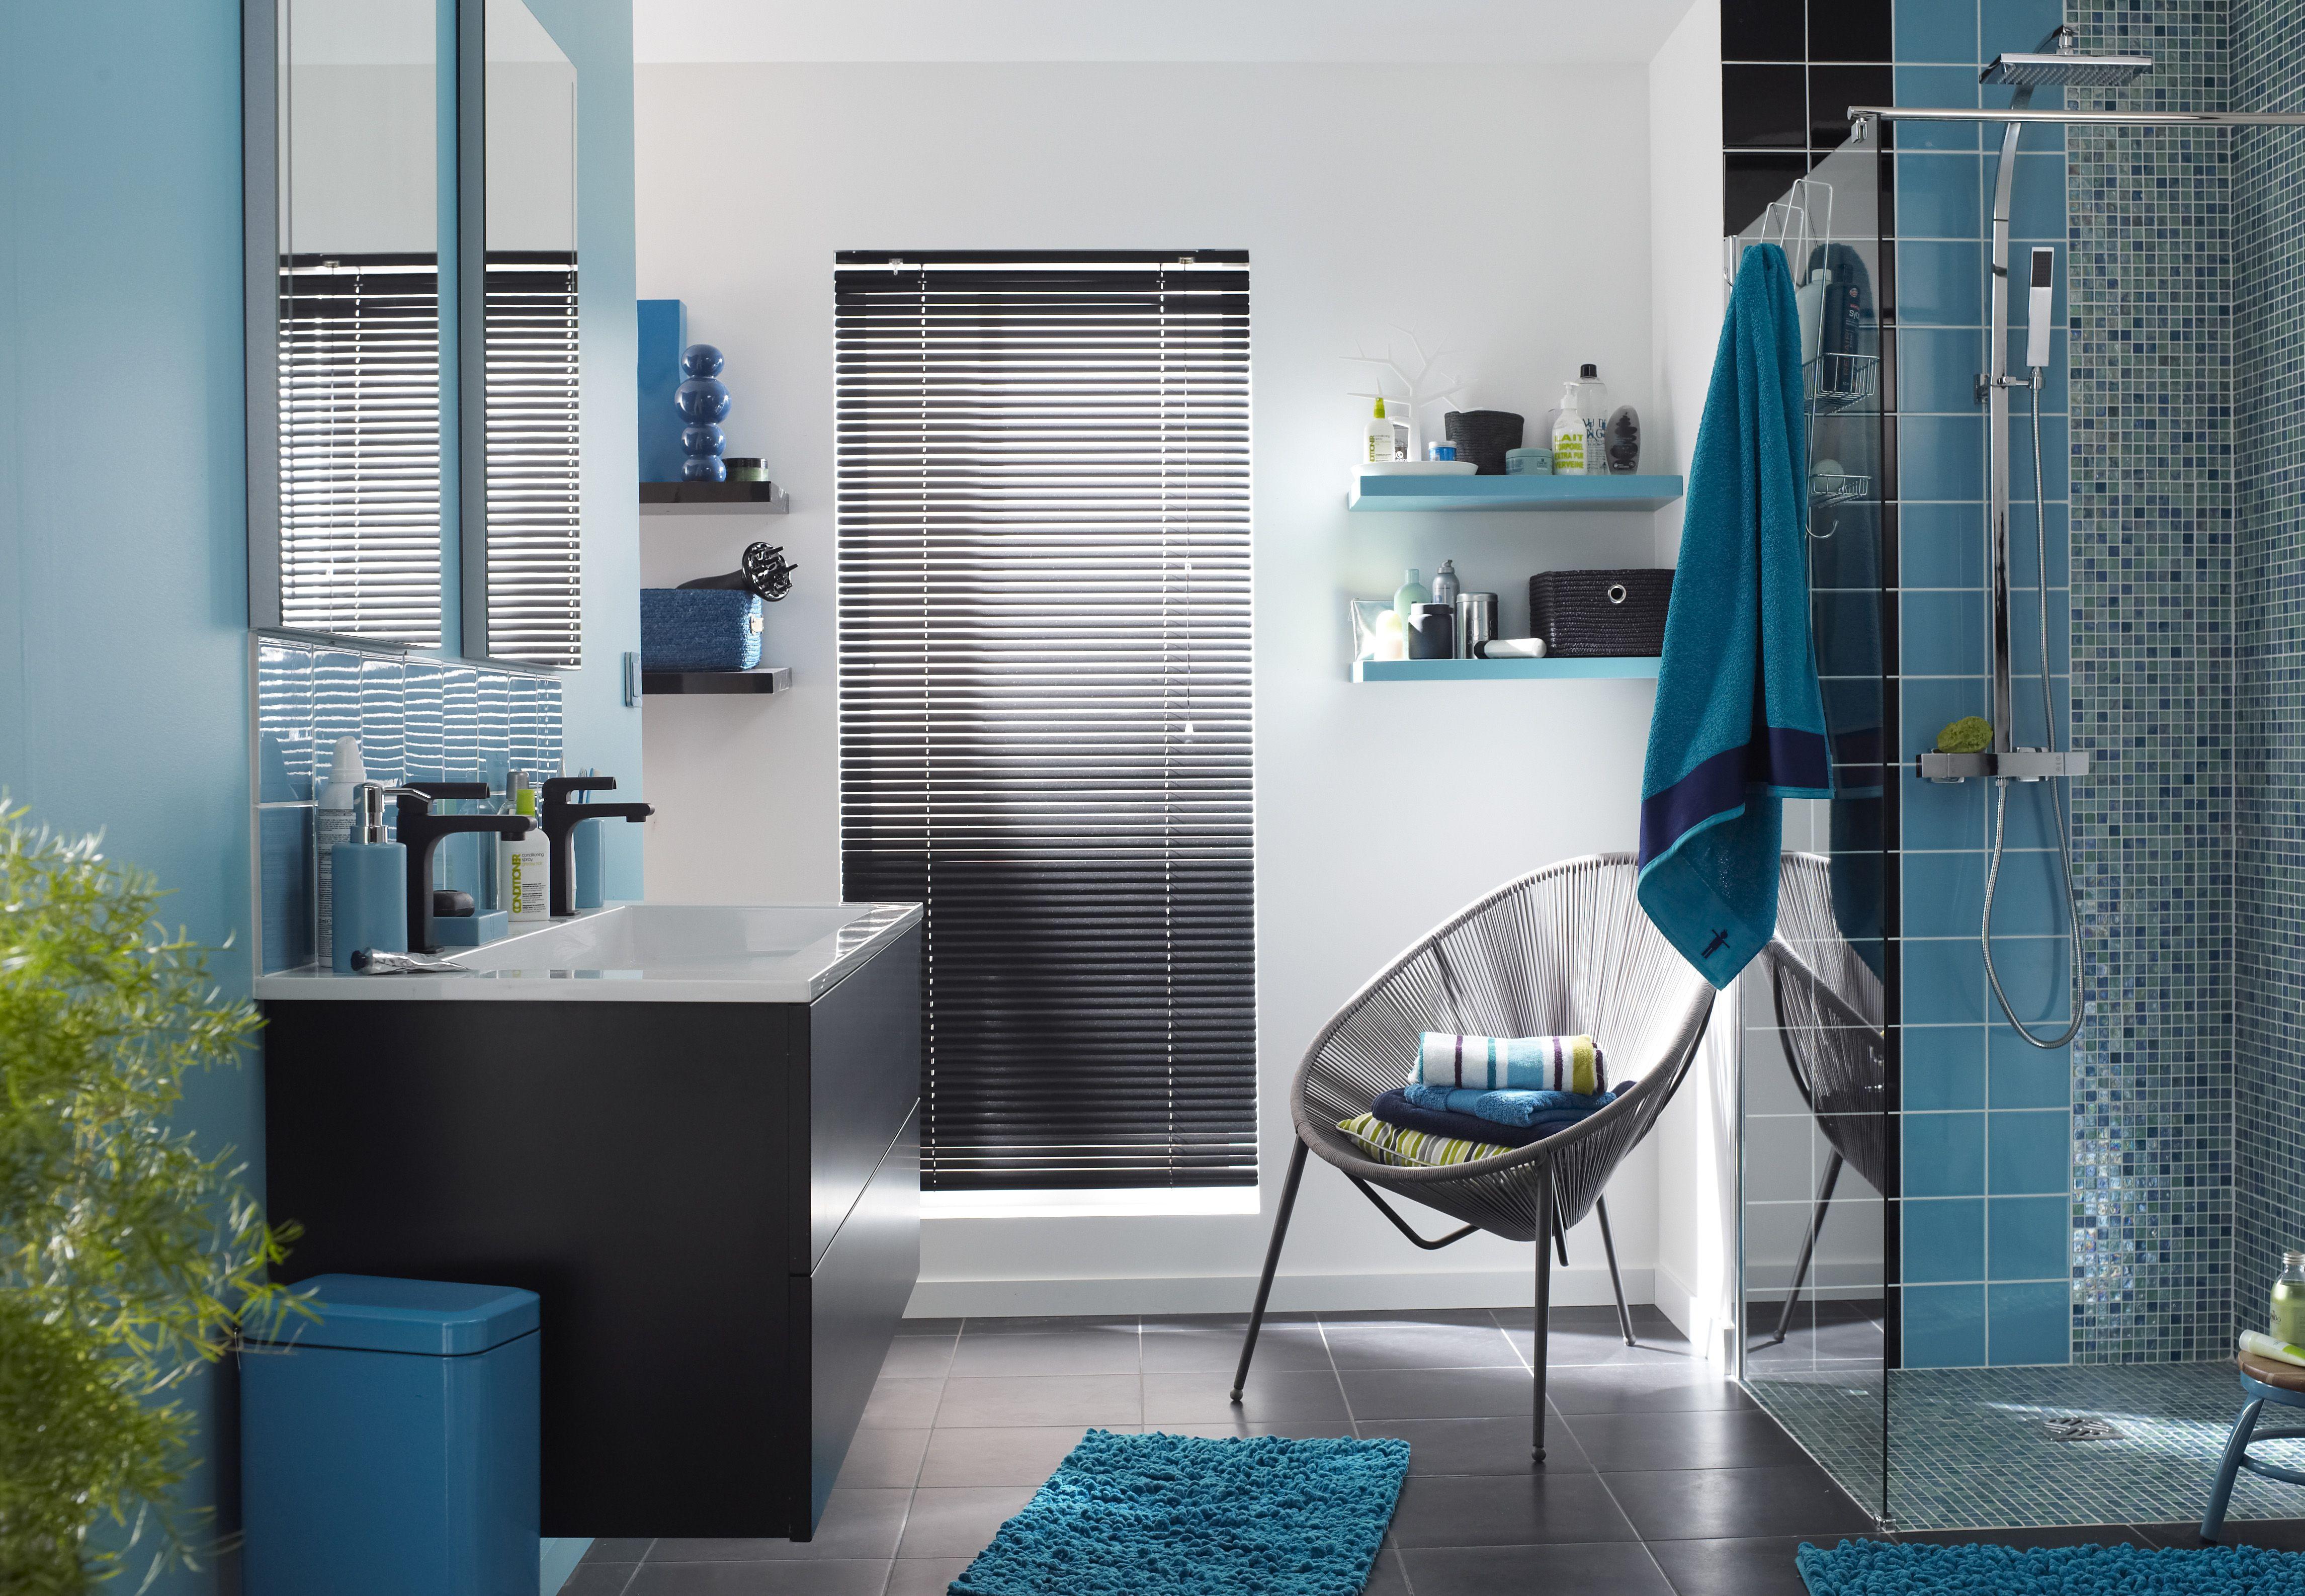 une salle de bains coordonn e entre la peinture et le carrelage id es pour la maison. Black Bedroom Furniture Sets. Home Design Ideas